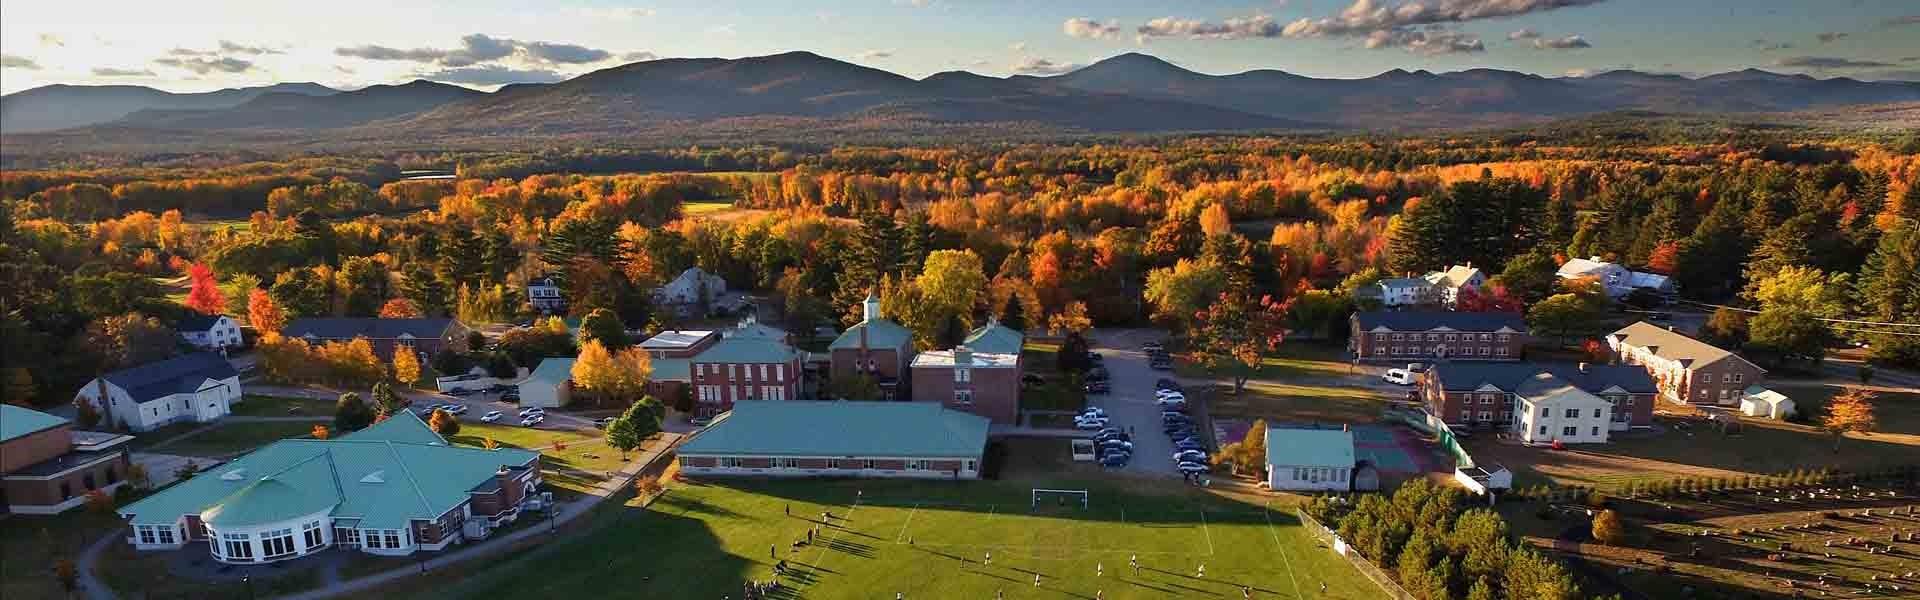 Fryeburg Academy Maine USA Landscape Banner 2019